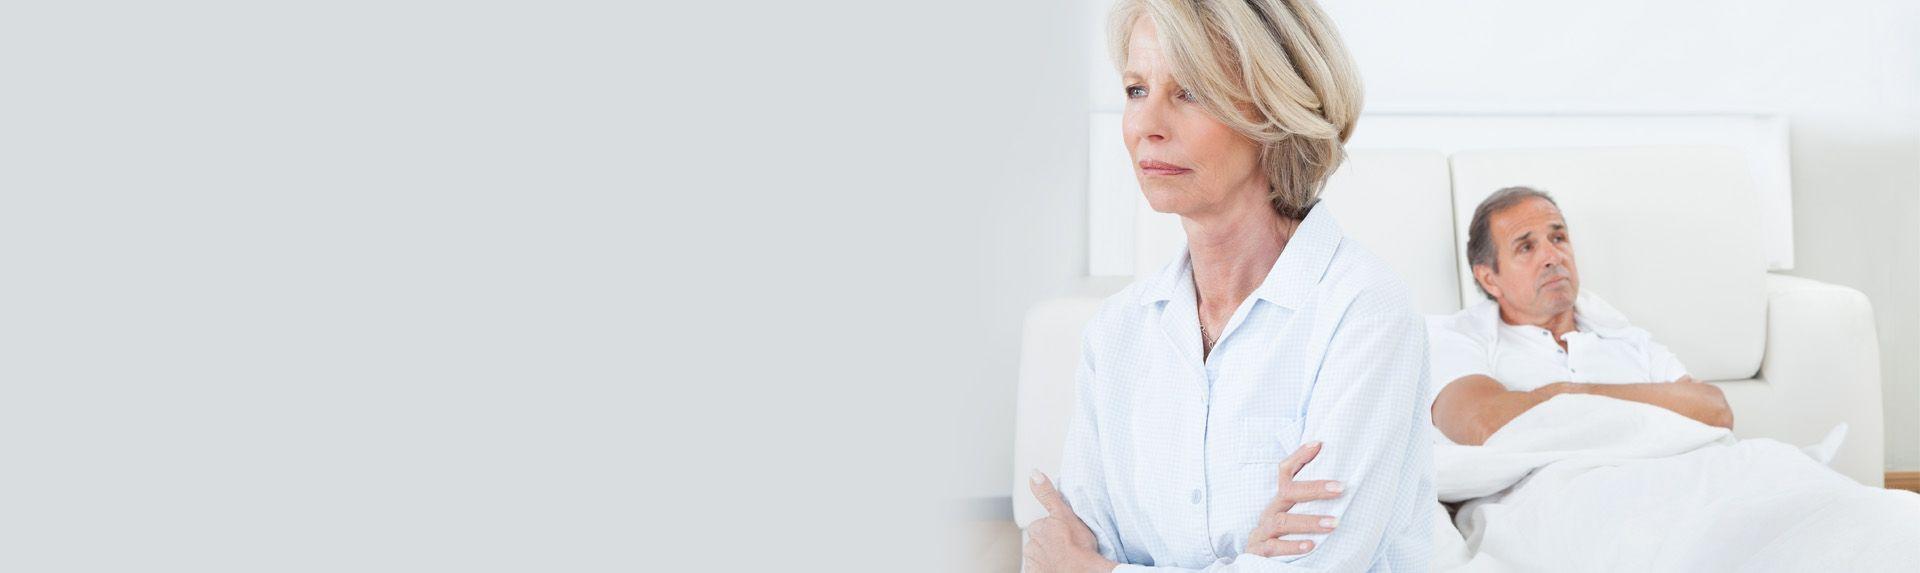 Заболевания женских половых органов и урологические расстройства в период климакса